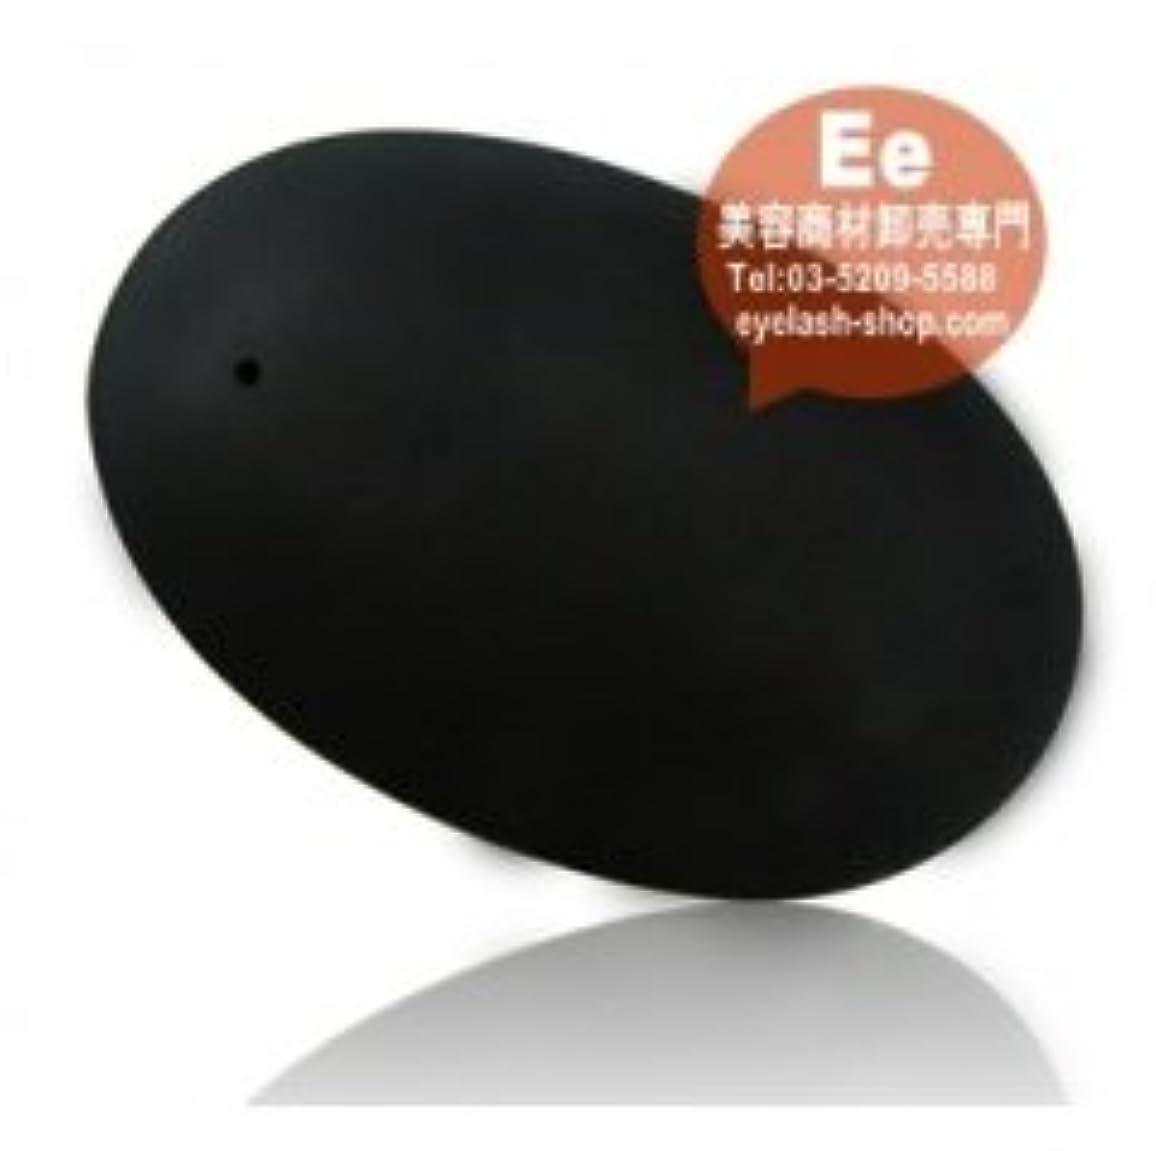 川一節豪華な【100%本物保障】最高級天然石美容カッサプレート 天然石カッサ板 S-9